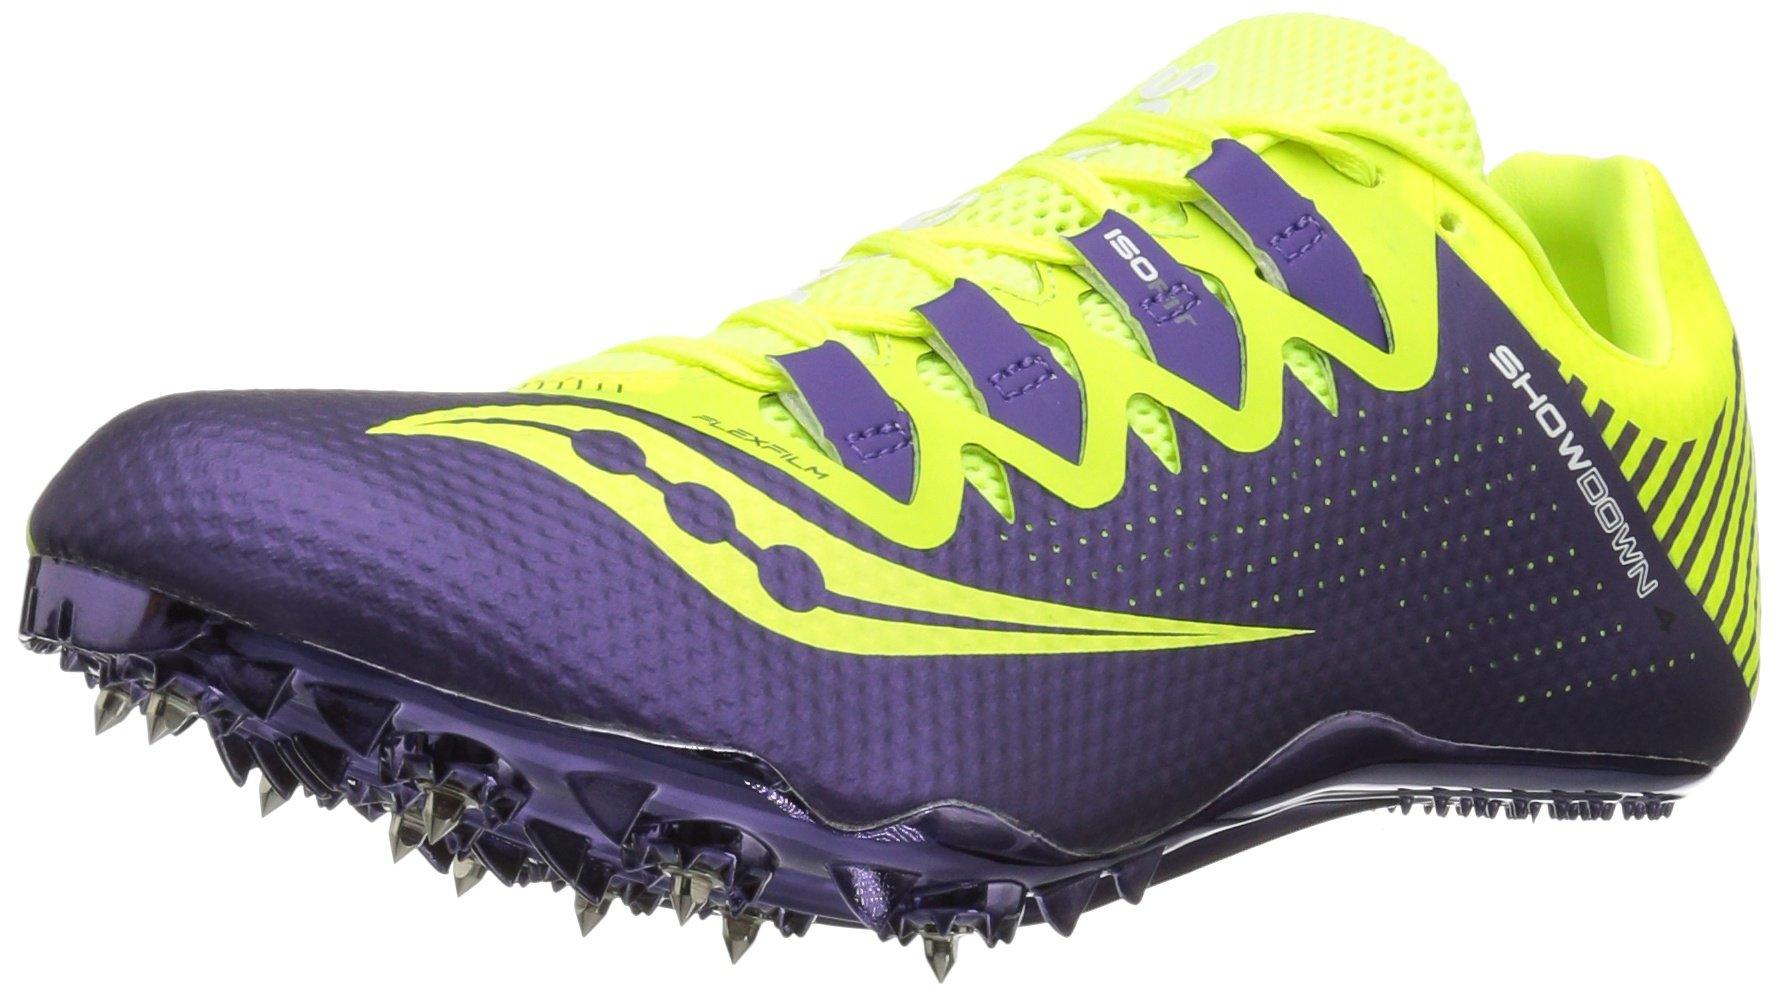 Saucony Women's Showdown 4 Track Shoe Citron/Purple 6.5 M US by Saucony (Image #1)